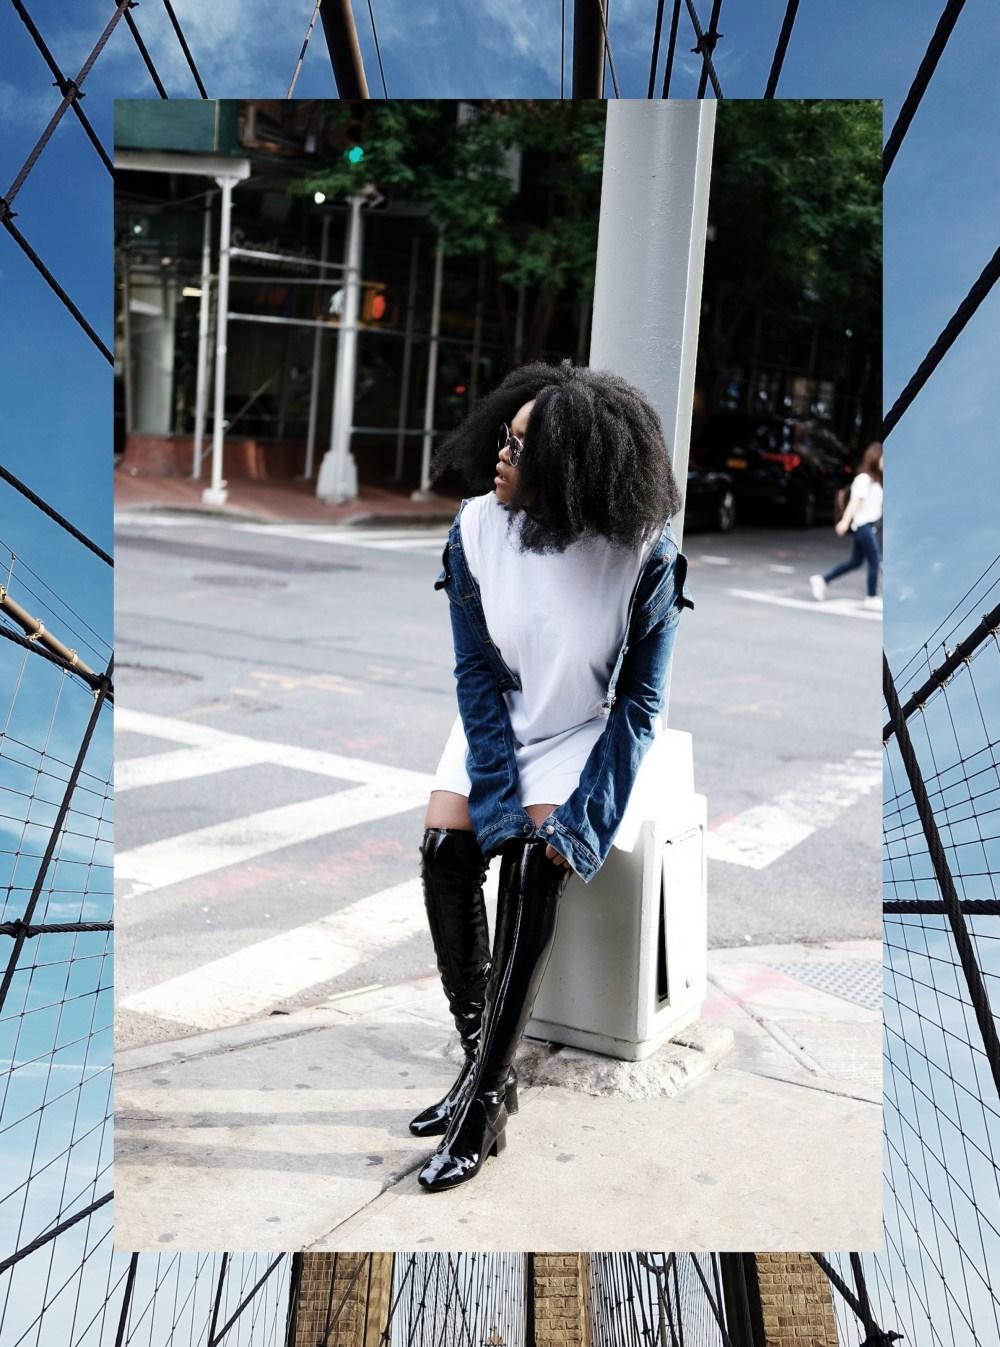 iamnrc, soho nyc, ngoni chikwenengere, london fashion designer, london fashion, nyc fashion nyc streetstyle, streetstyle